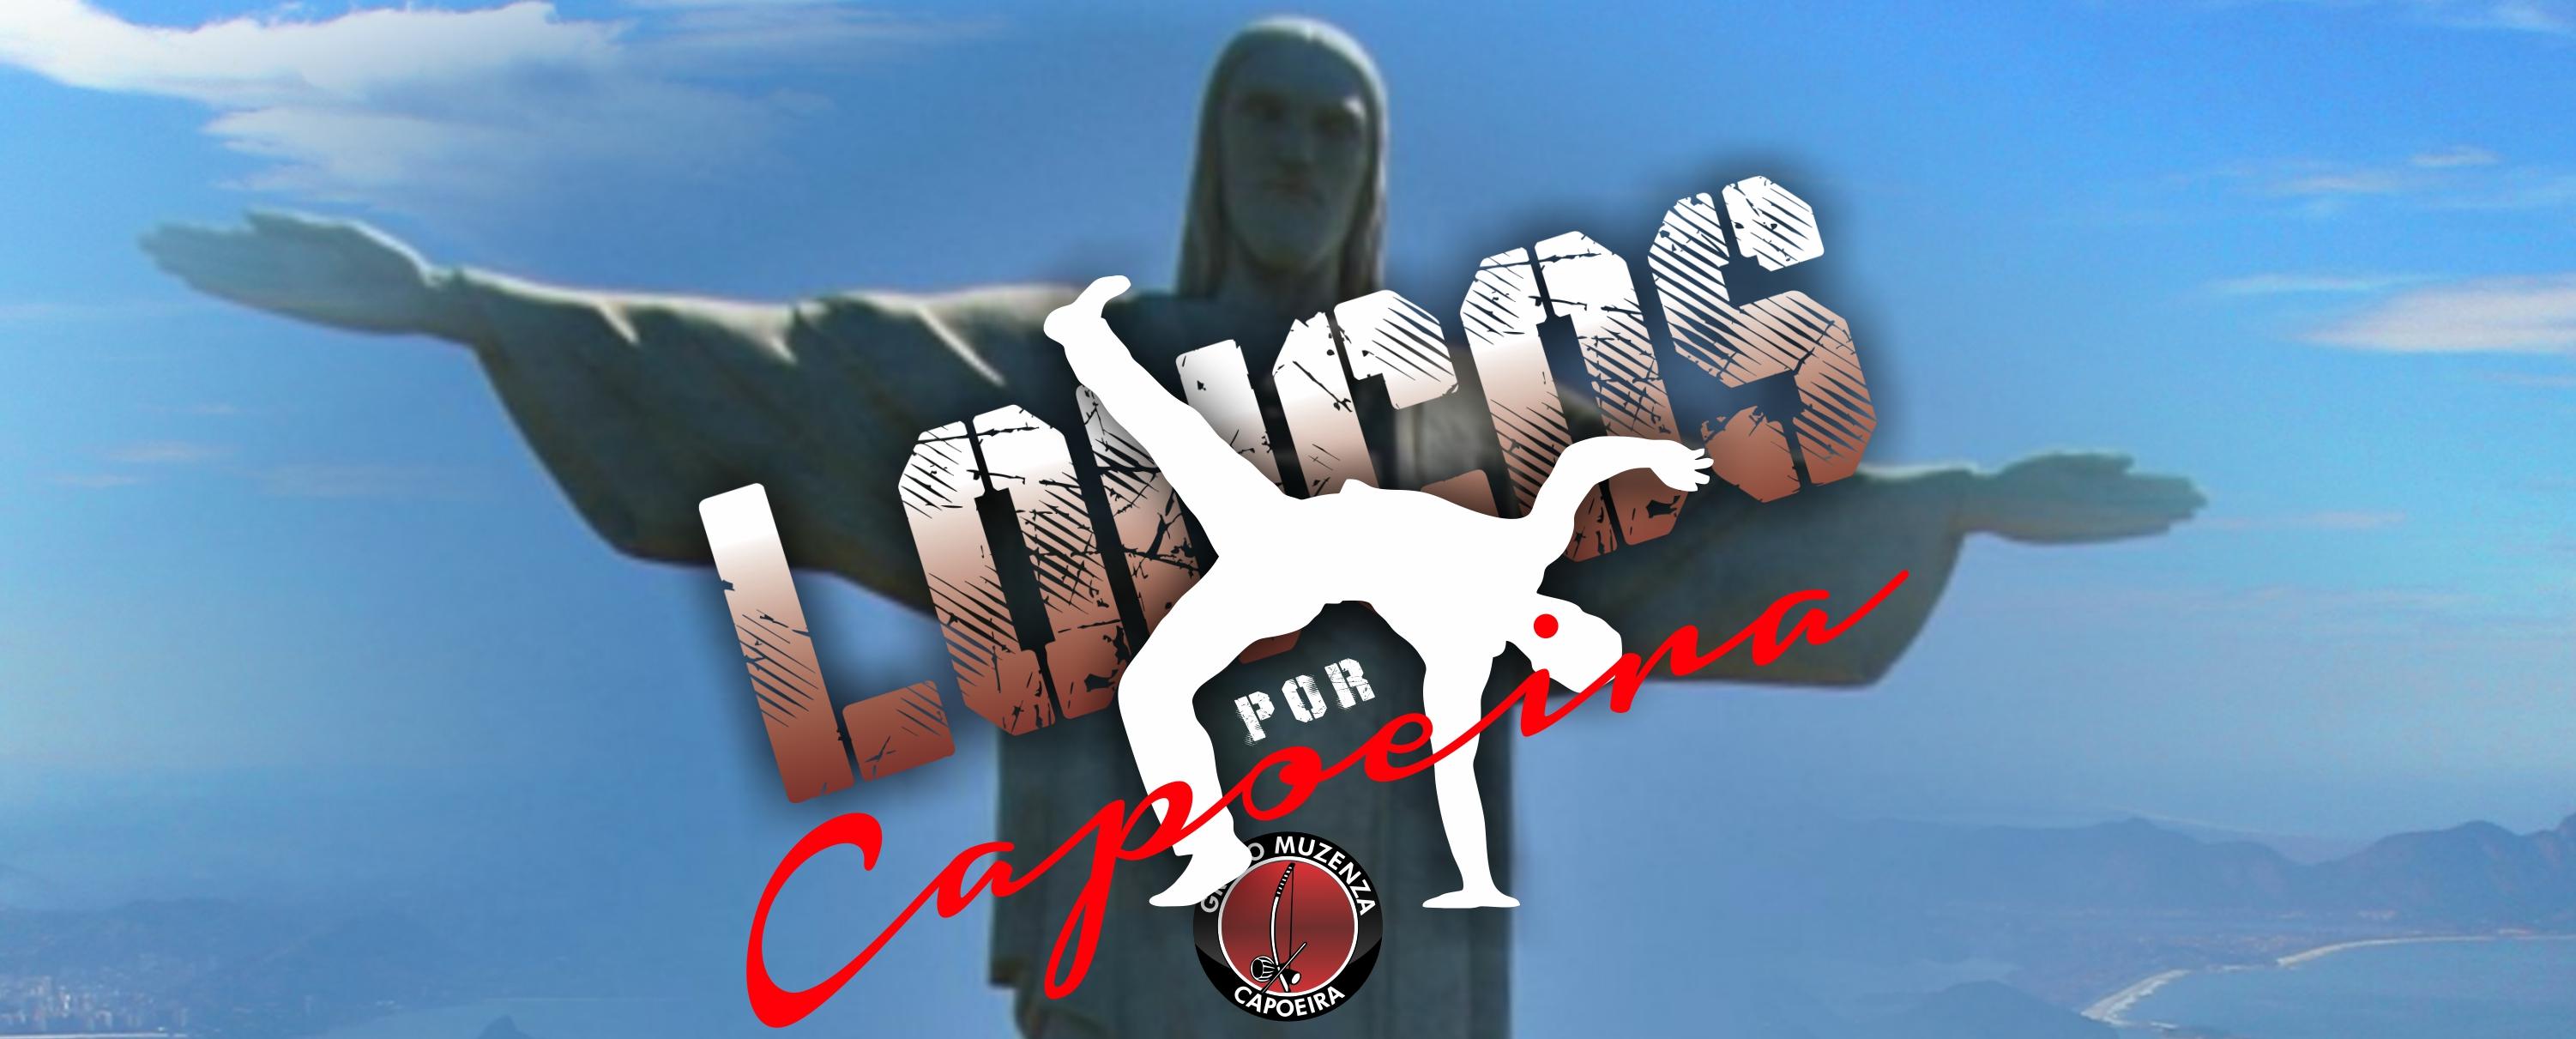 Loucos Por Capoeira Muzenza 2019